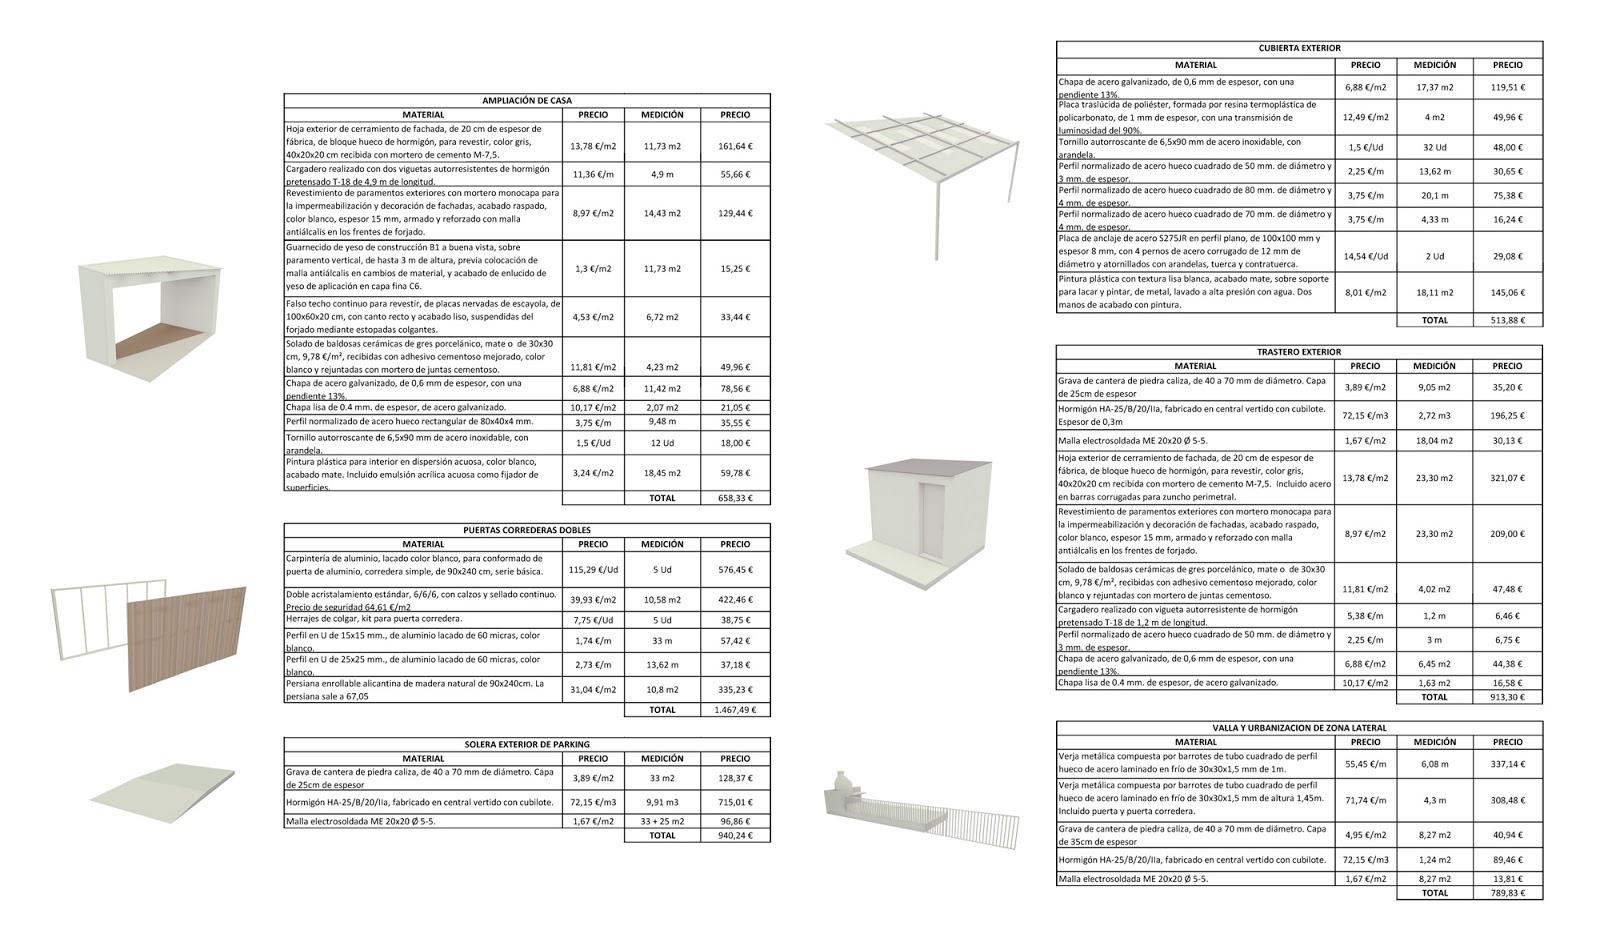 Aarkitectura: Proyecto H: presupuesto y estructura / Proyect H ...